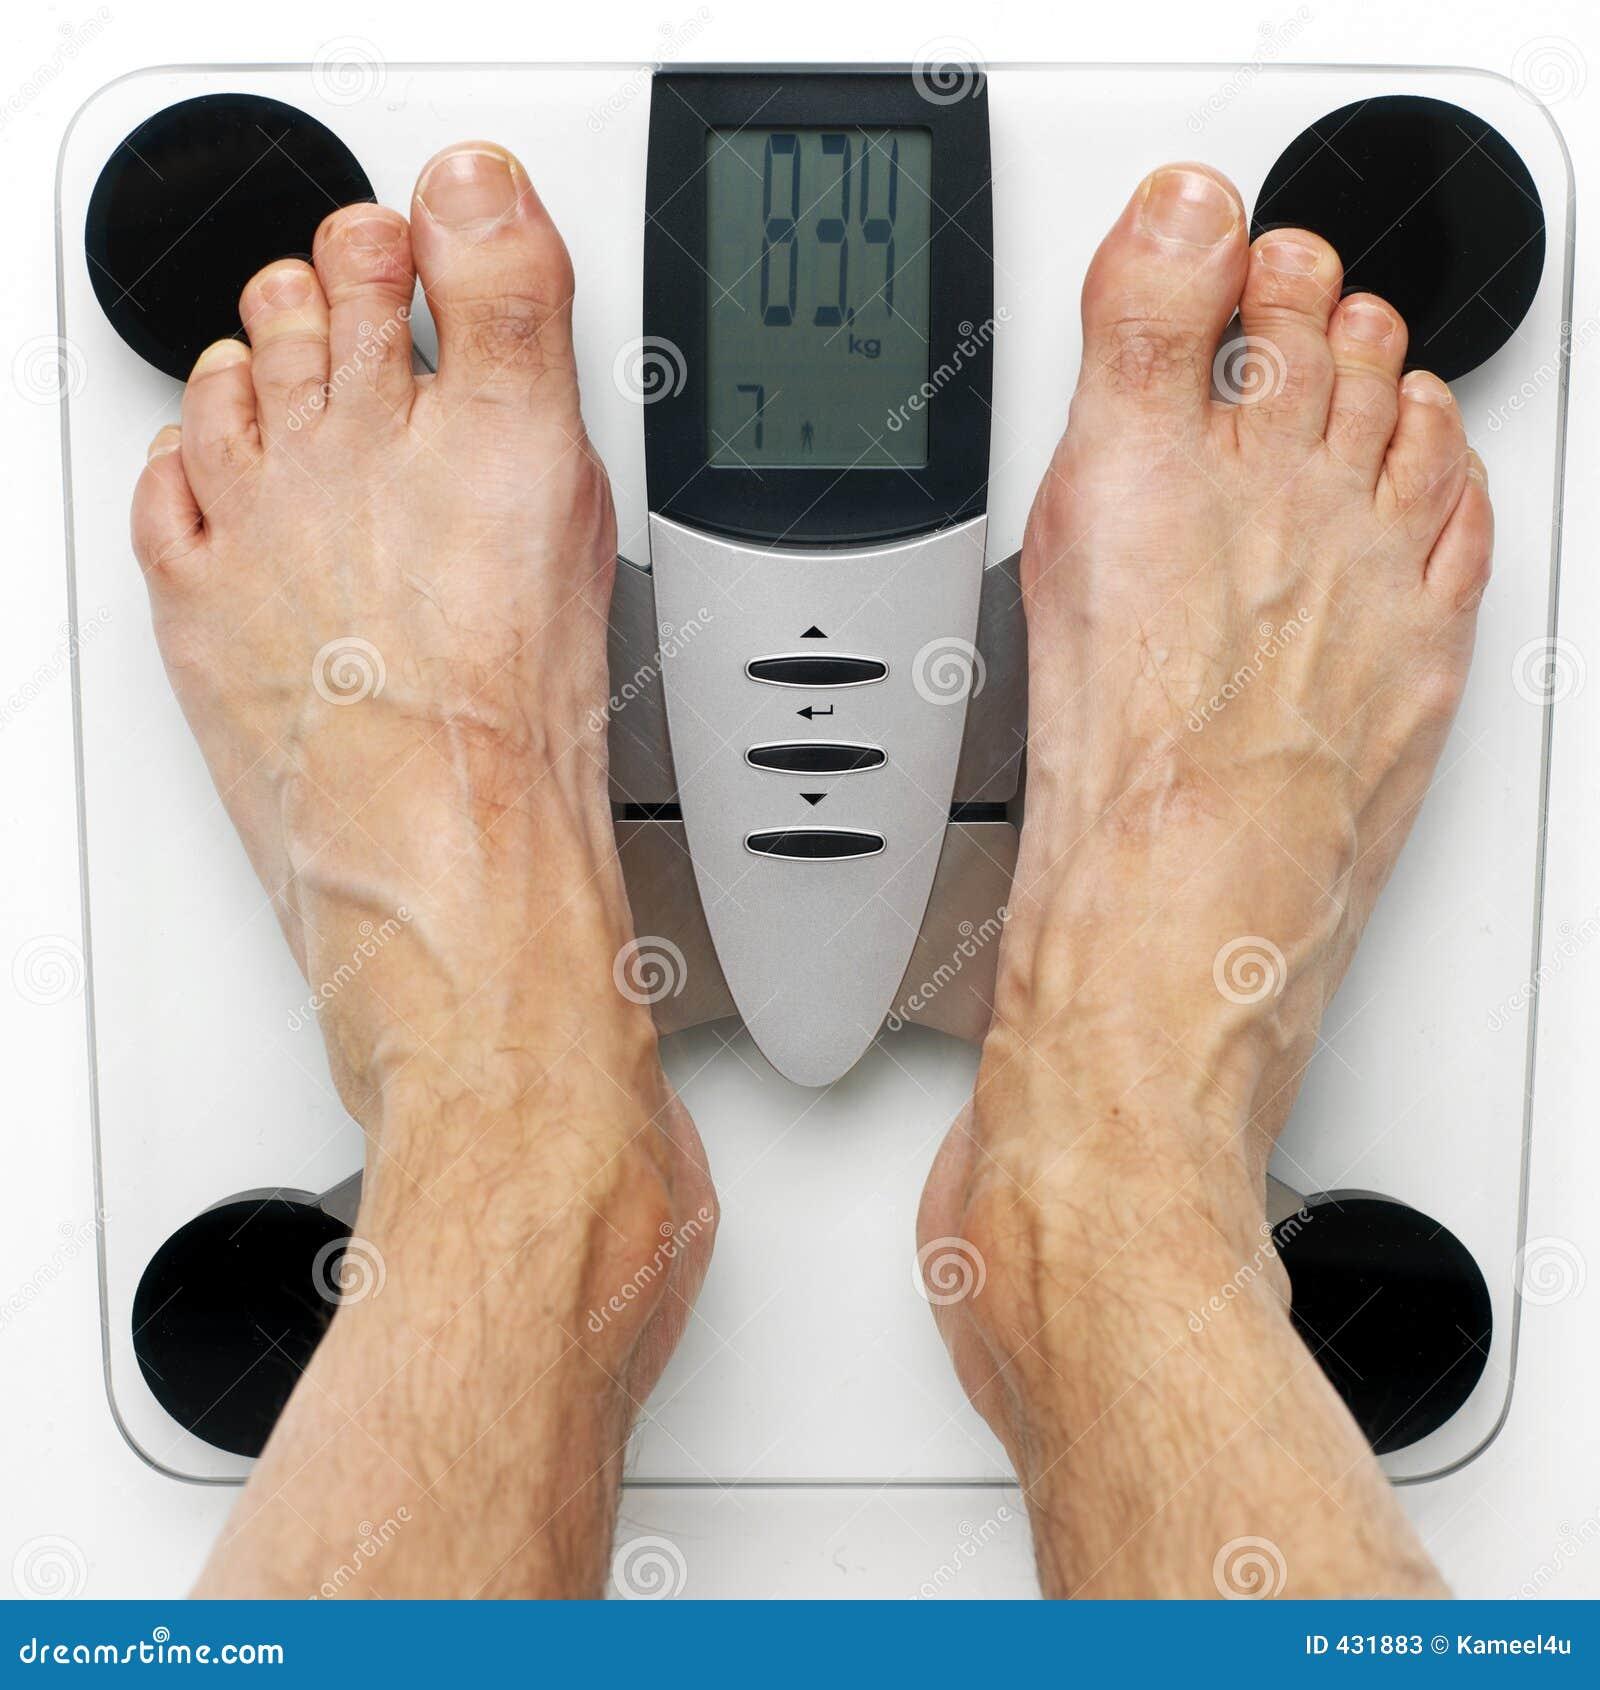 Prüfung seines Gewichts